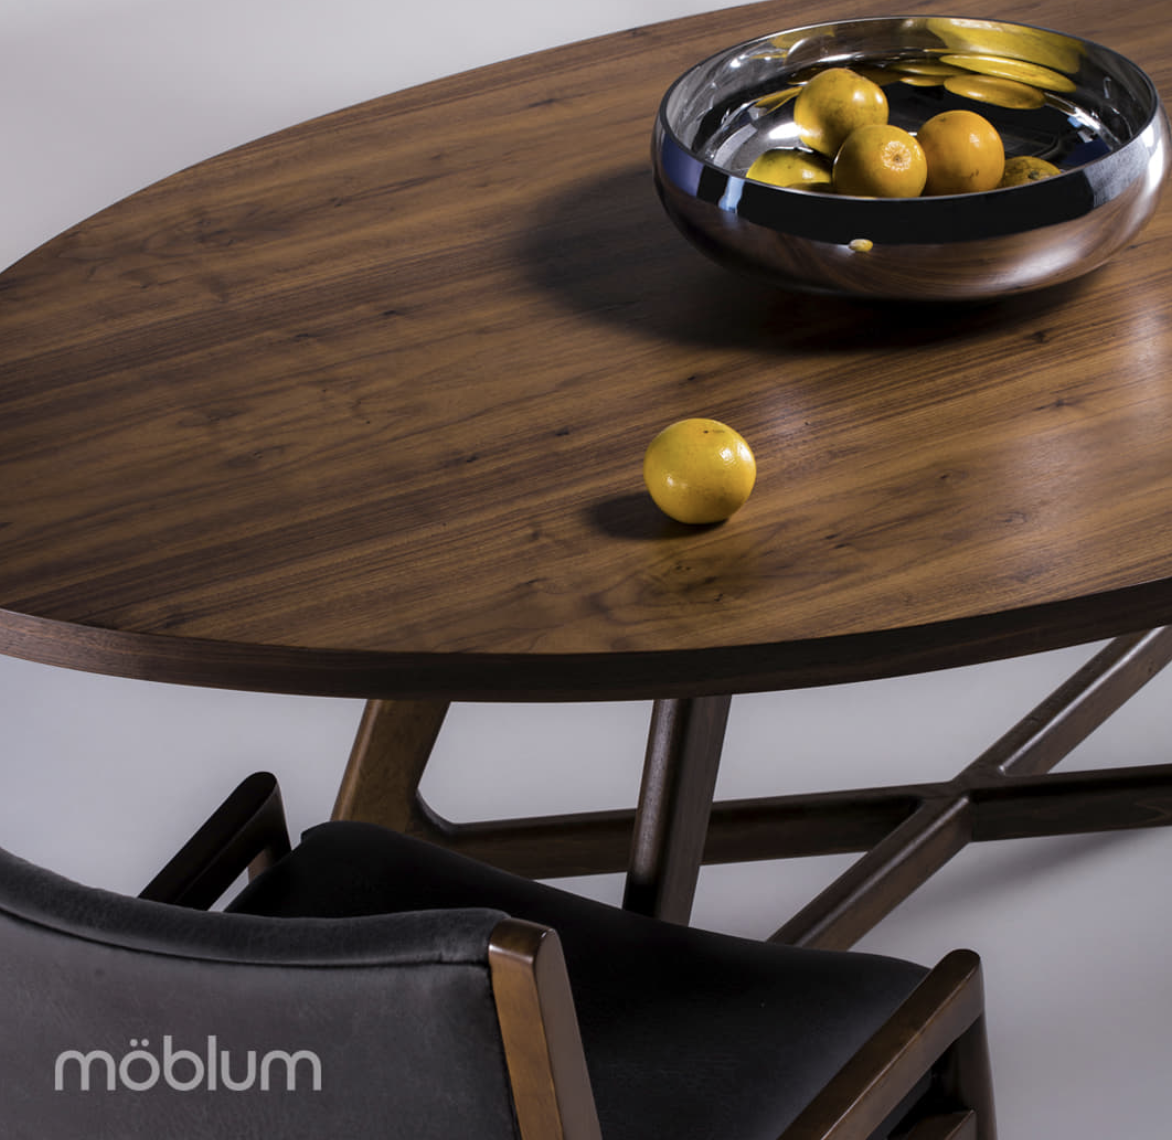 moblum_Tendencias-2019-en-decoracion-de-interiores(1)